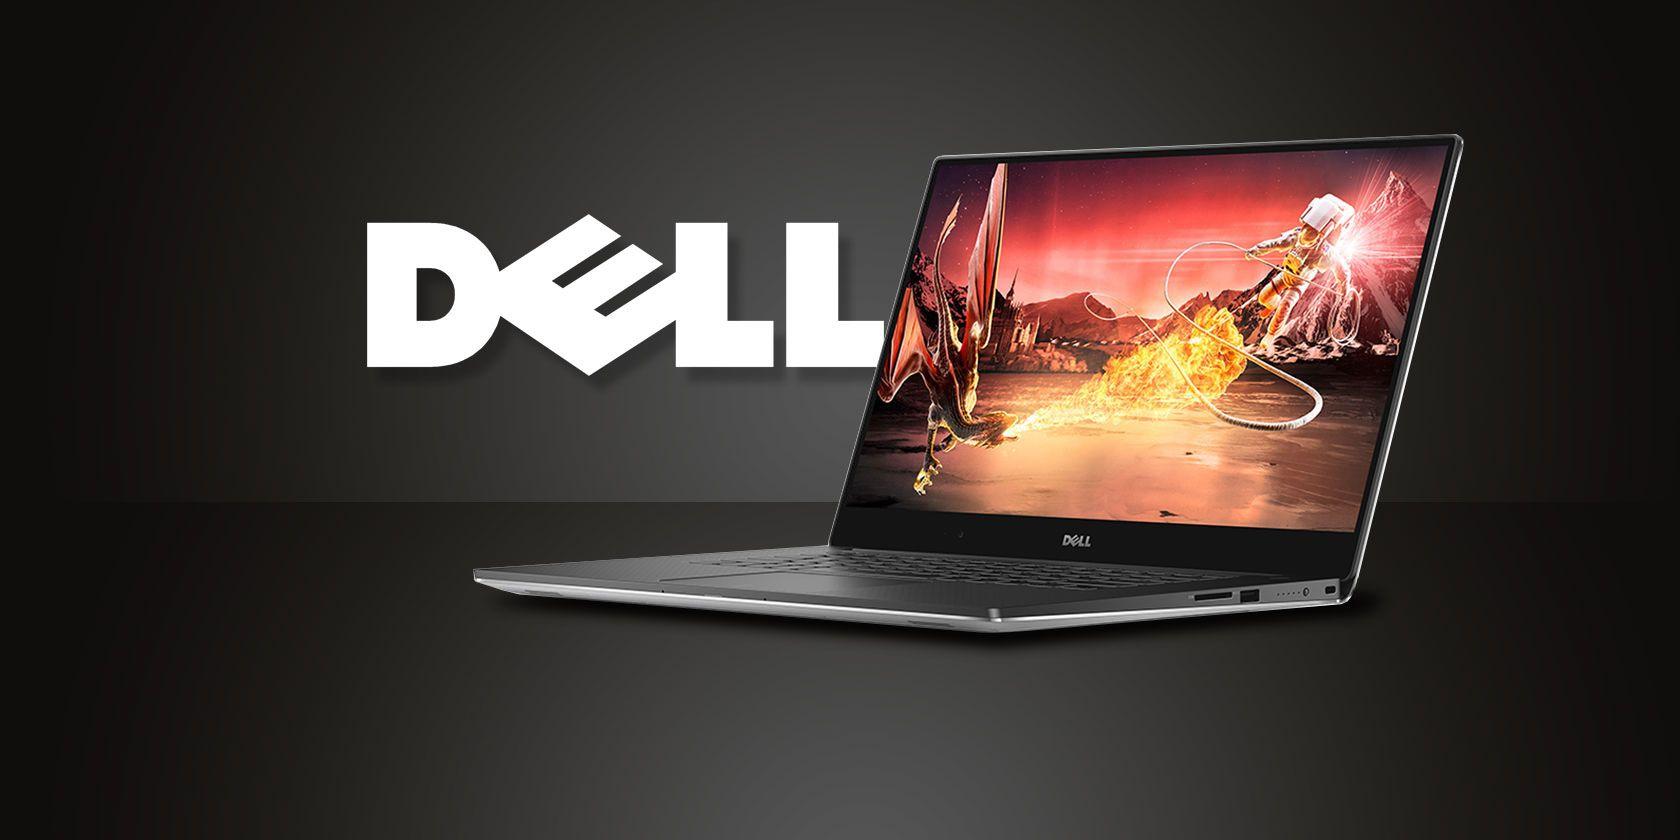 اسعار لاب توب Dell في مصر 2018